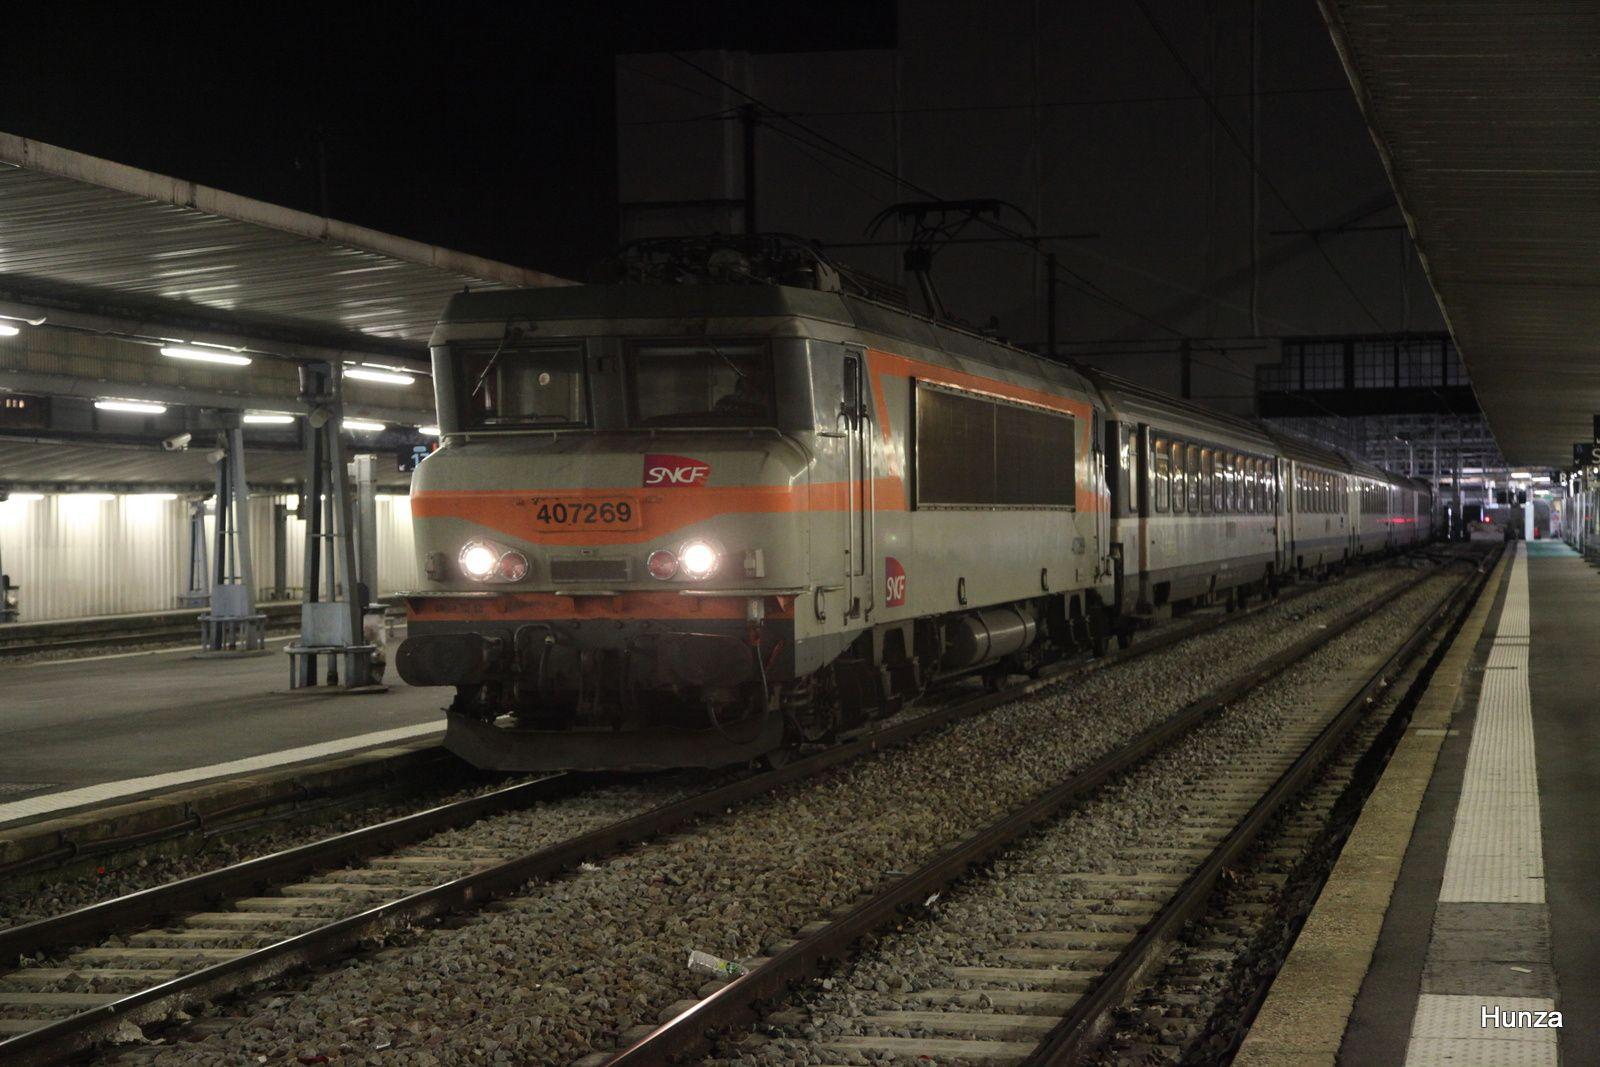 Gare d'Austerlitz : Intercités n°14071 Paris - Orléans avec BB 407269 (4 novembre 2018)